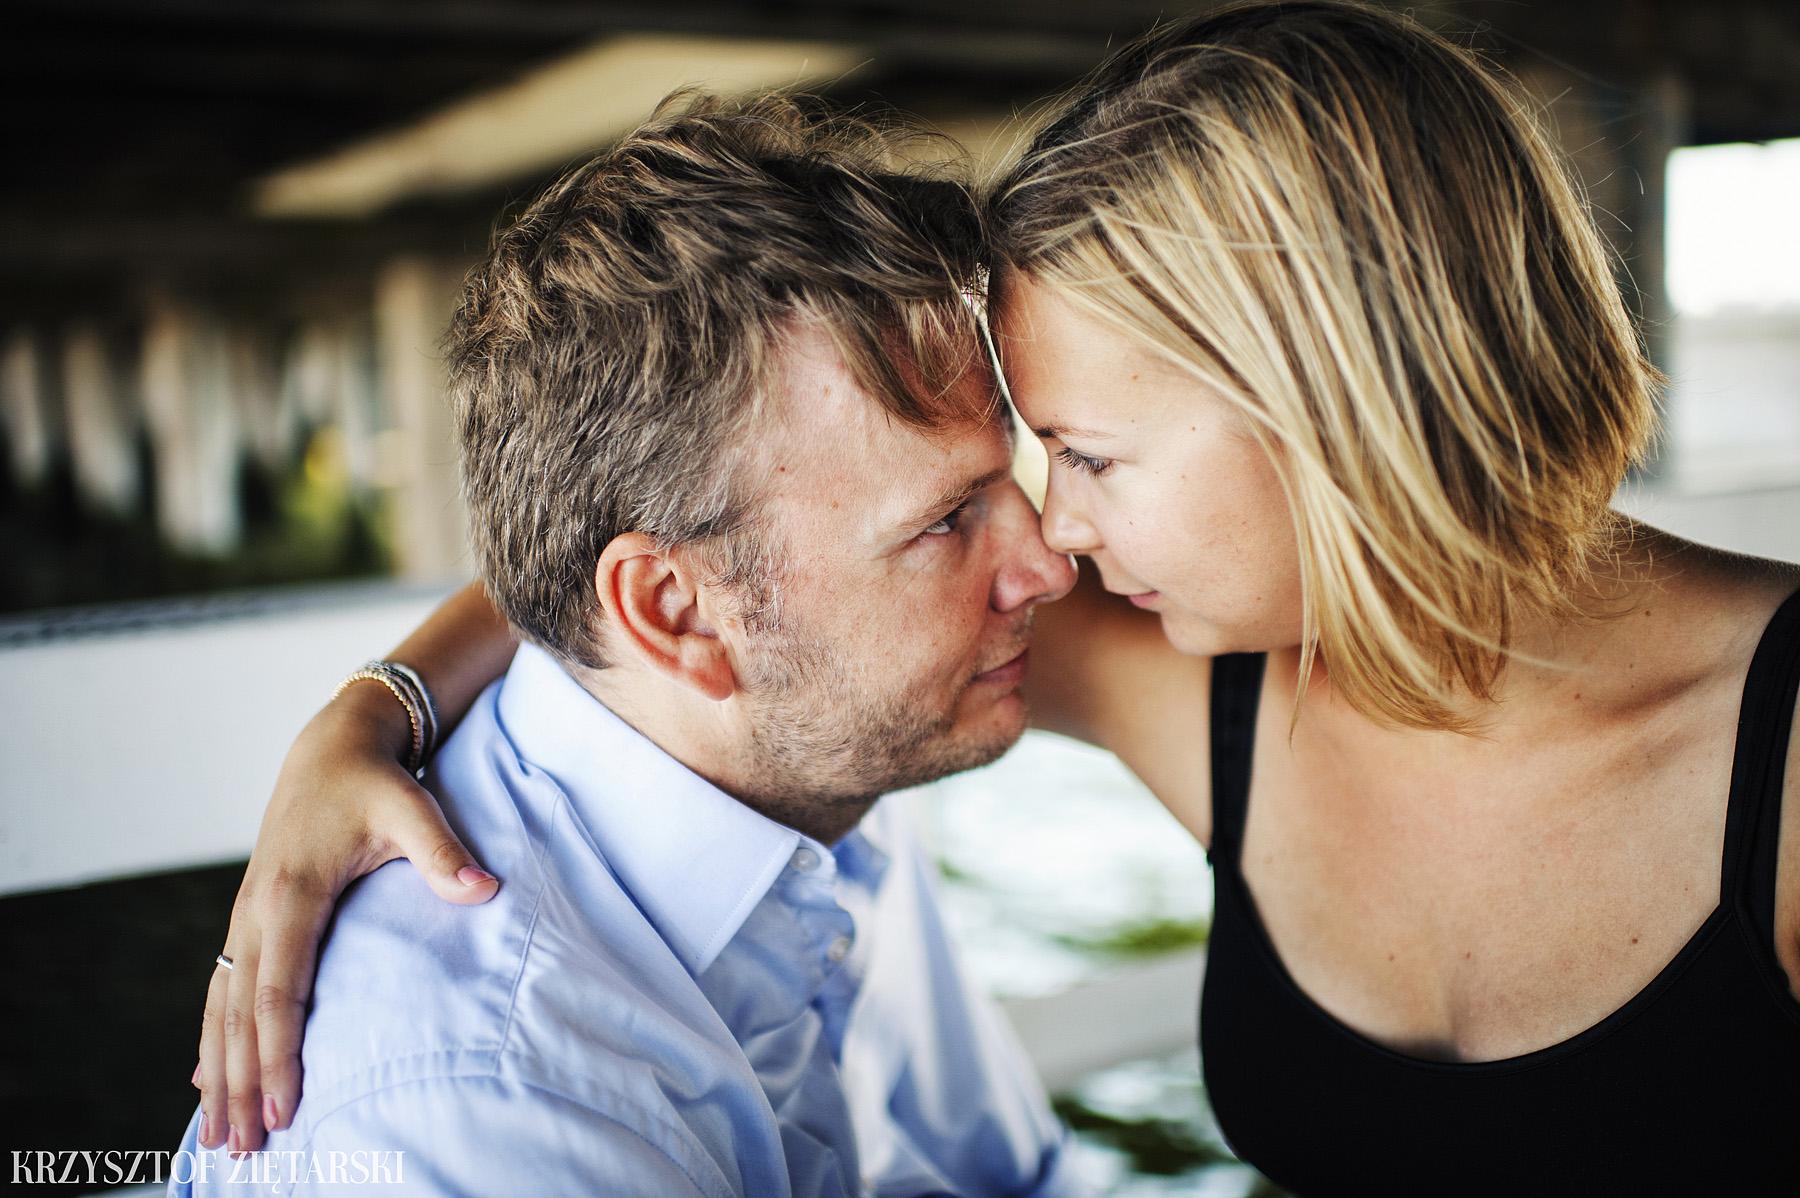 Ania i Mikkel - sesja fotograficzna na rocznicę ślubu w Sopocie, prezent na rocznicę ślubu - 7.